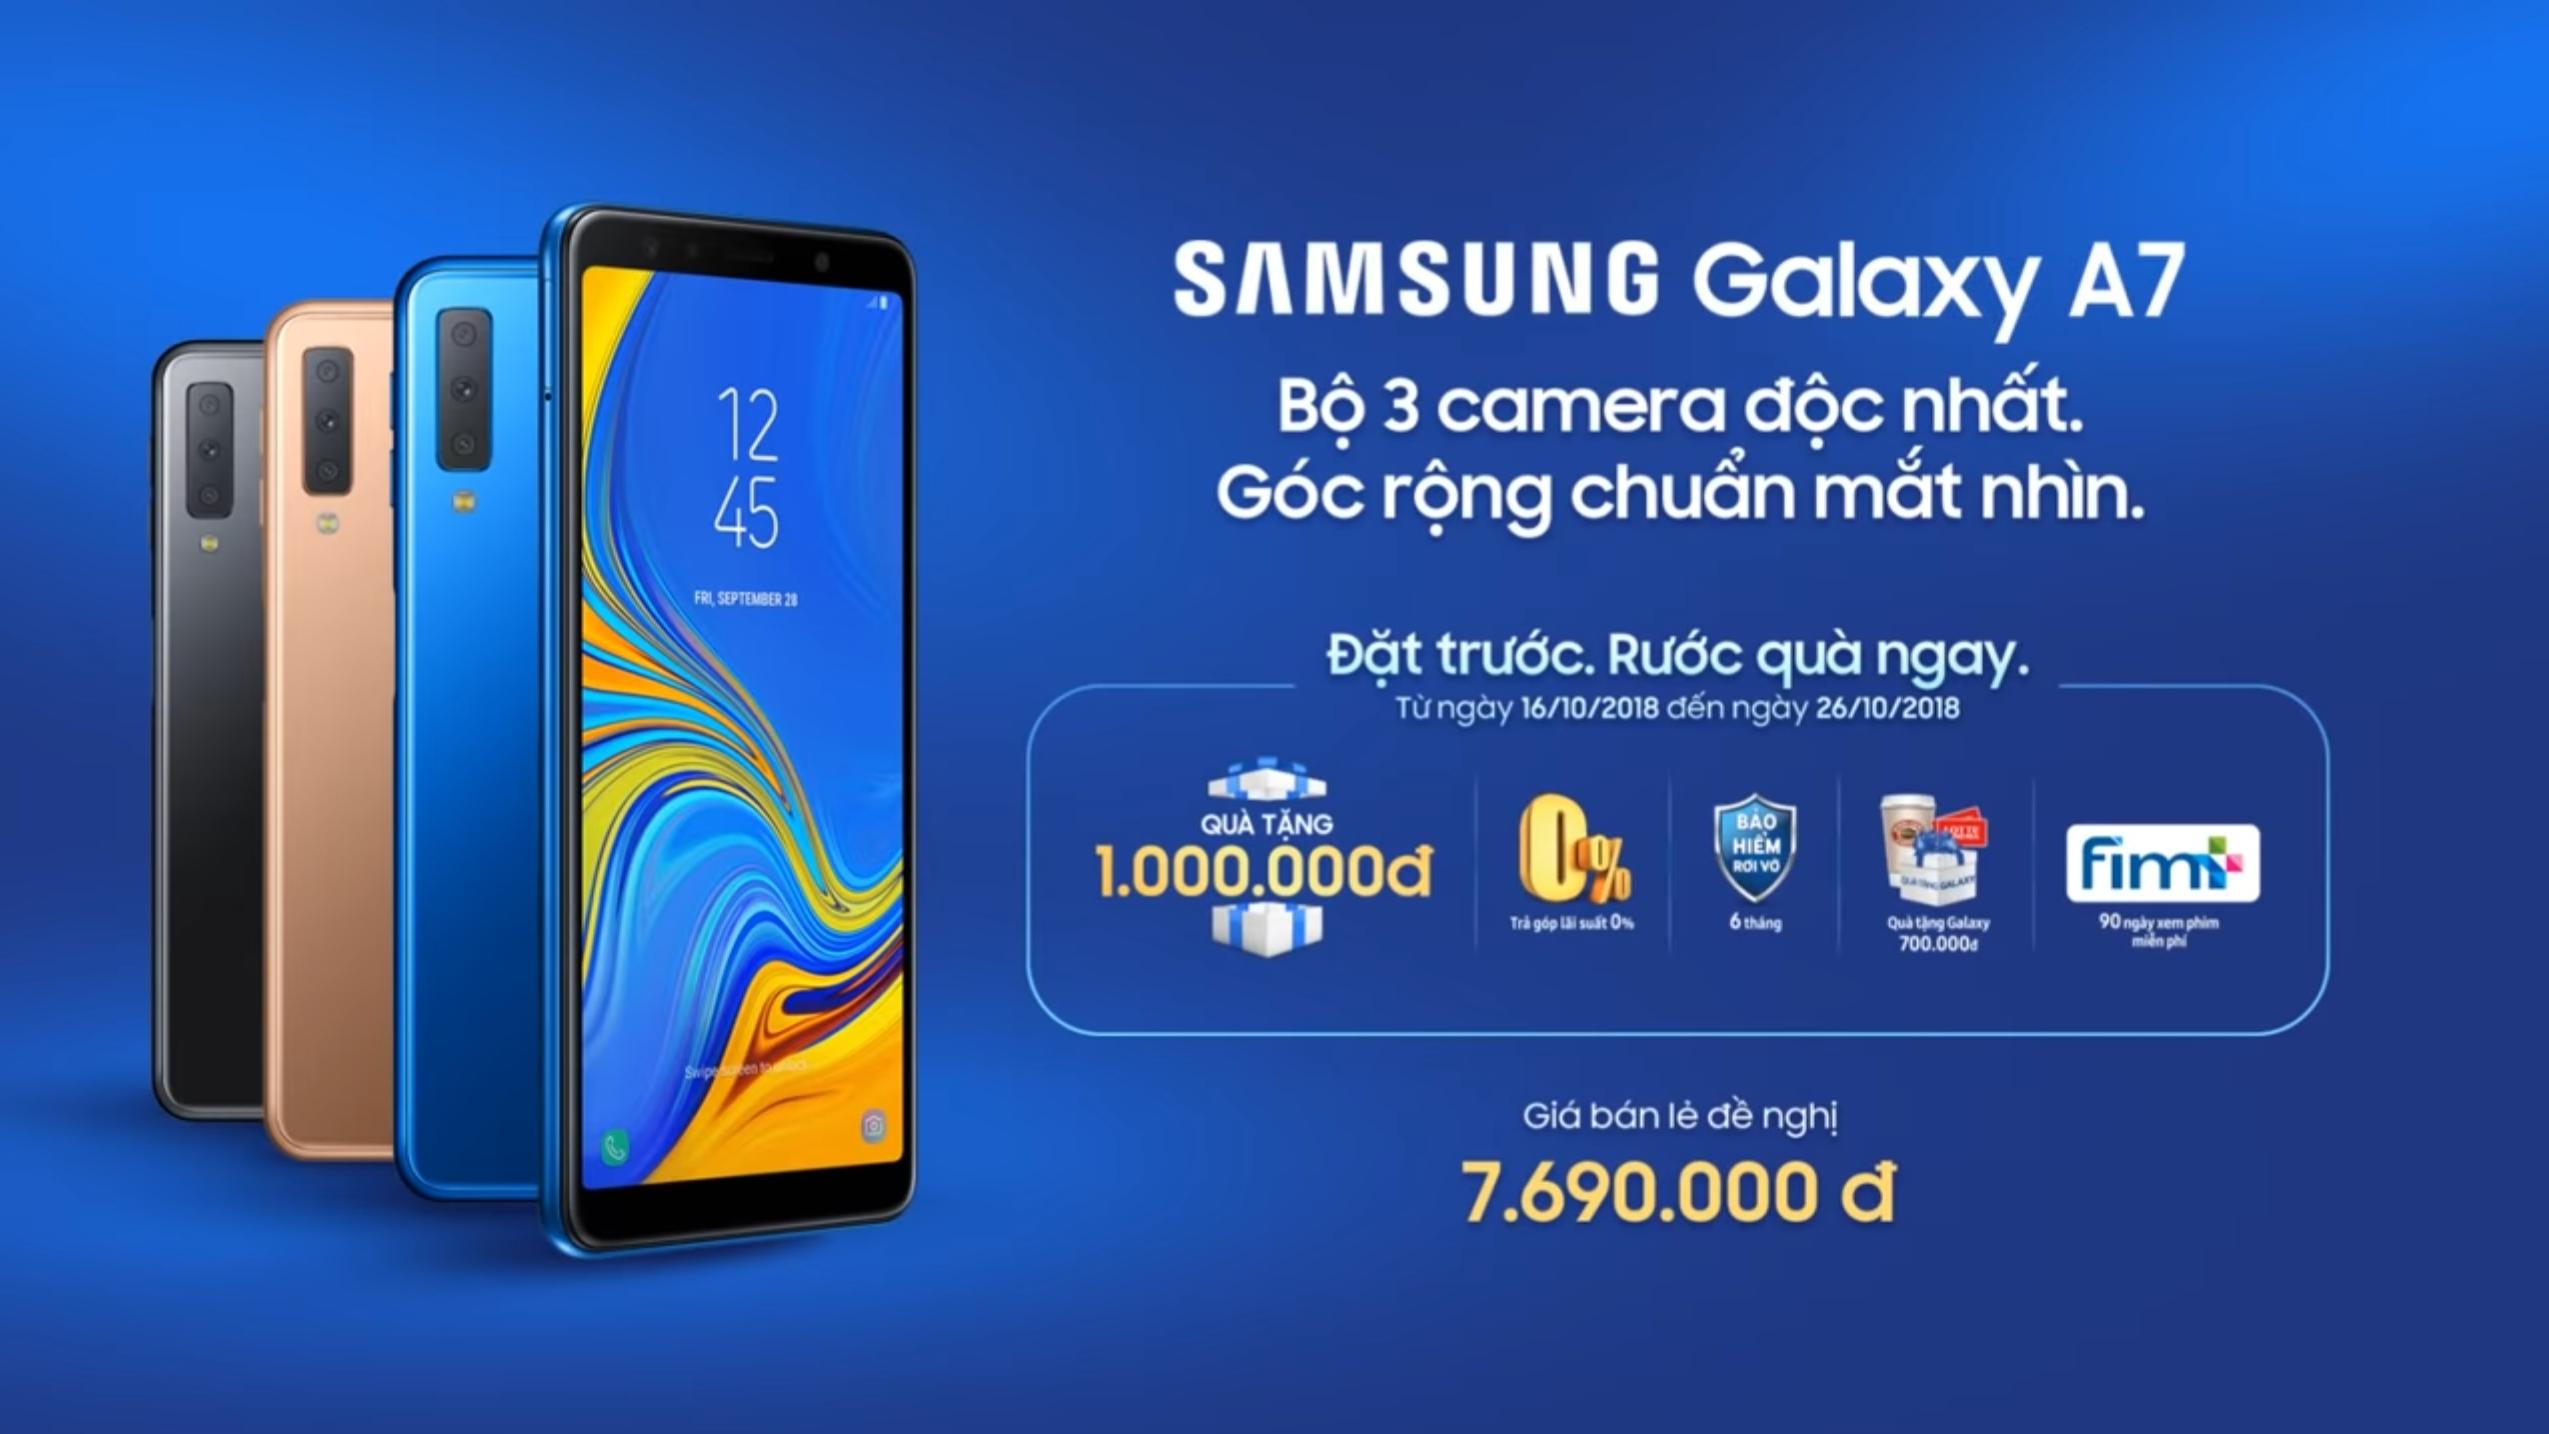 Quá Hot! Samsung chính thức tung chương trình đặt trước Galaxy A7 với bộ quà hấp dẫn trị giá hơn 1 triệu đồng